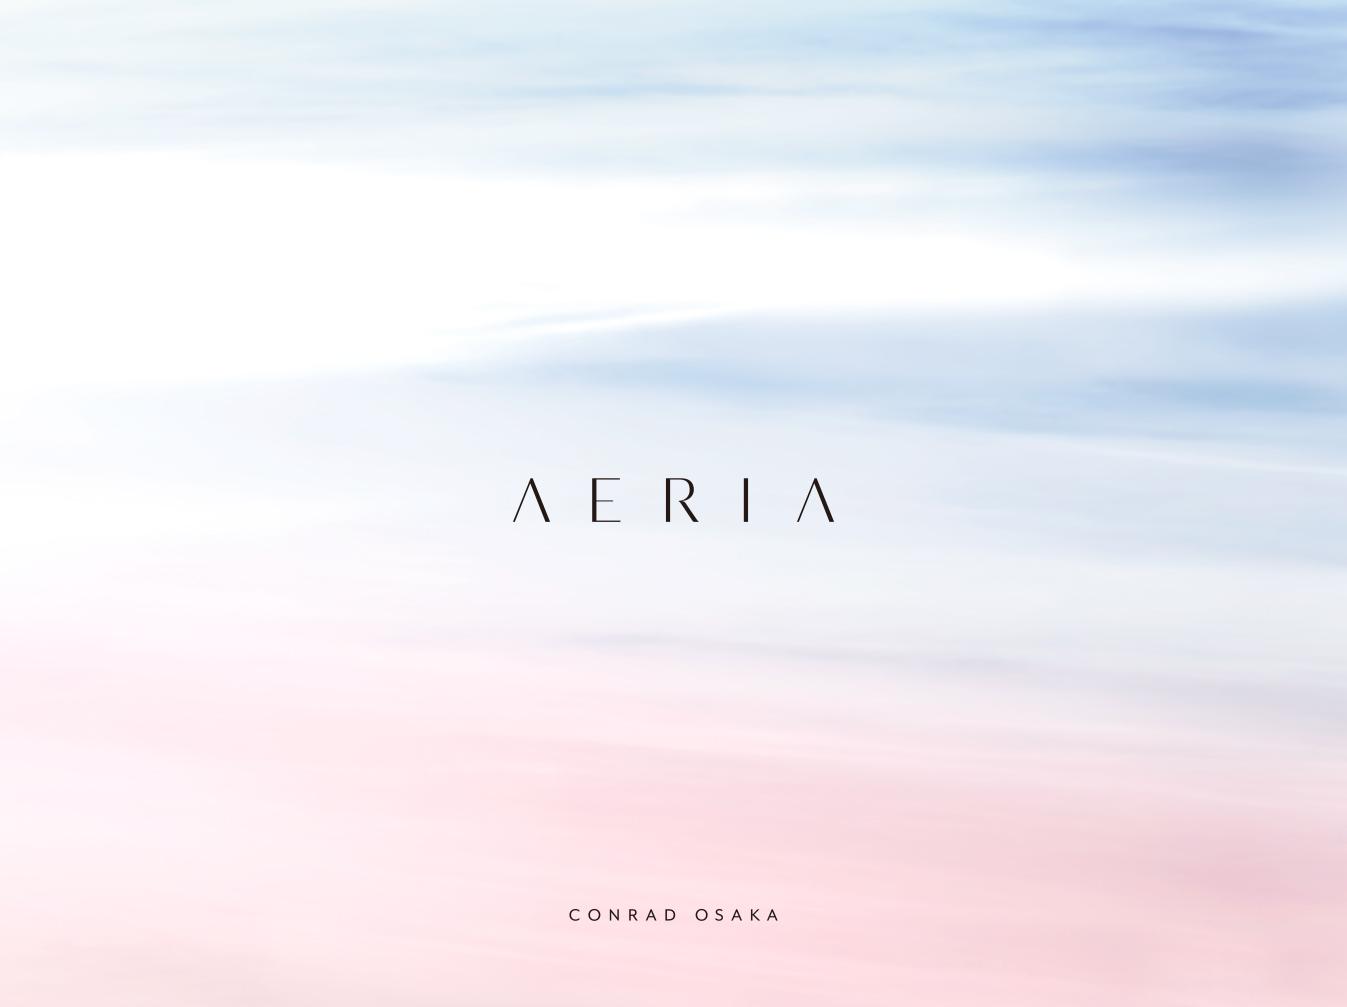 AERIA